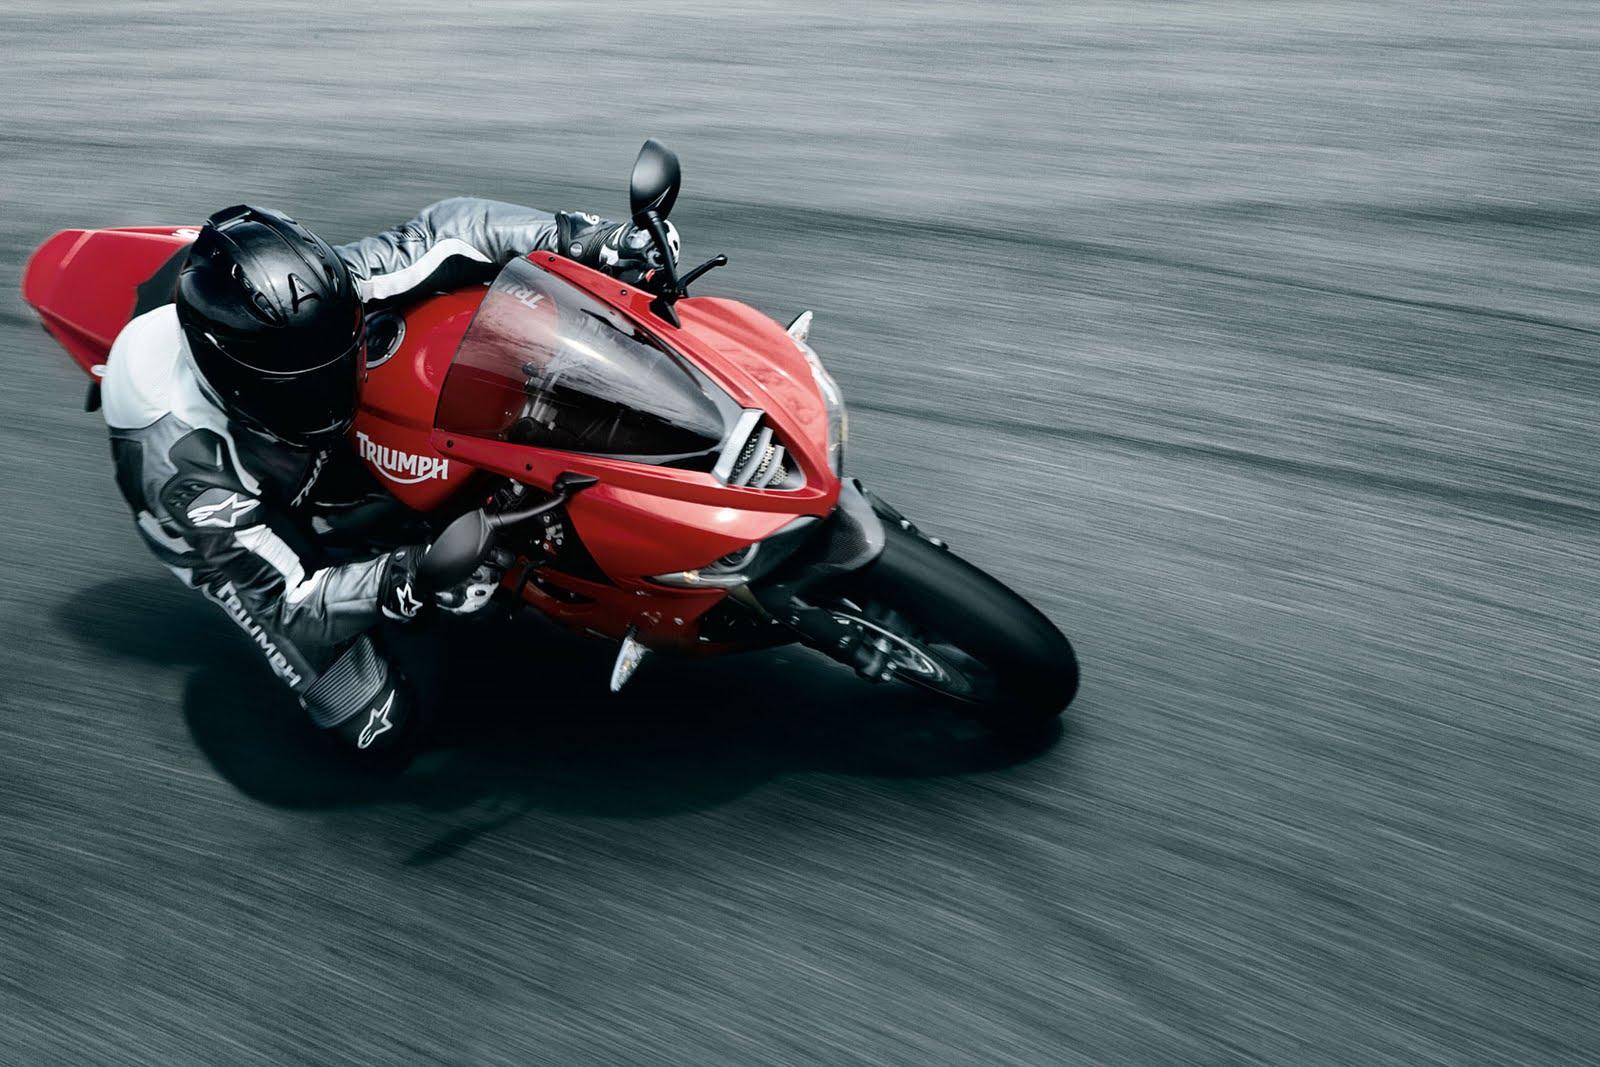 http://1.bp.blogspot.com/_FpGcbrYTyDw/S78_eHFXhRI/AAAAAAAAAdI/7mXzOnb63N4/s1600/2010+Triumph+Daytona+675+rider.jpg